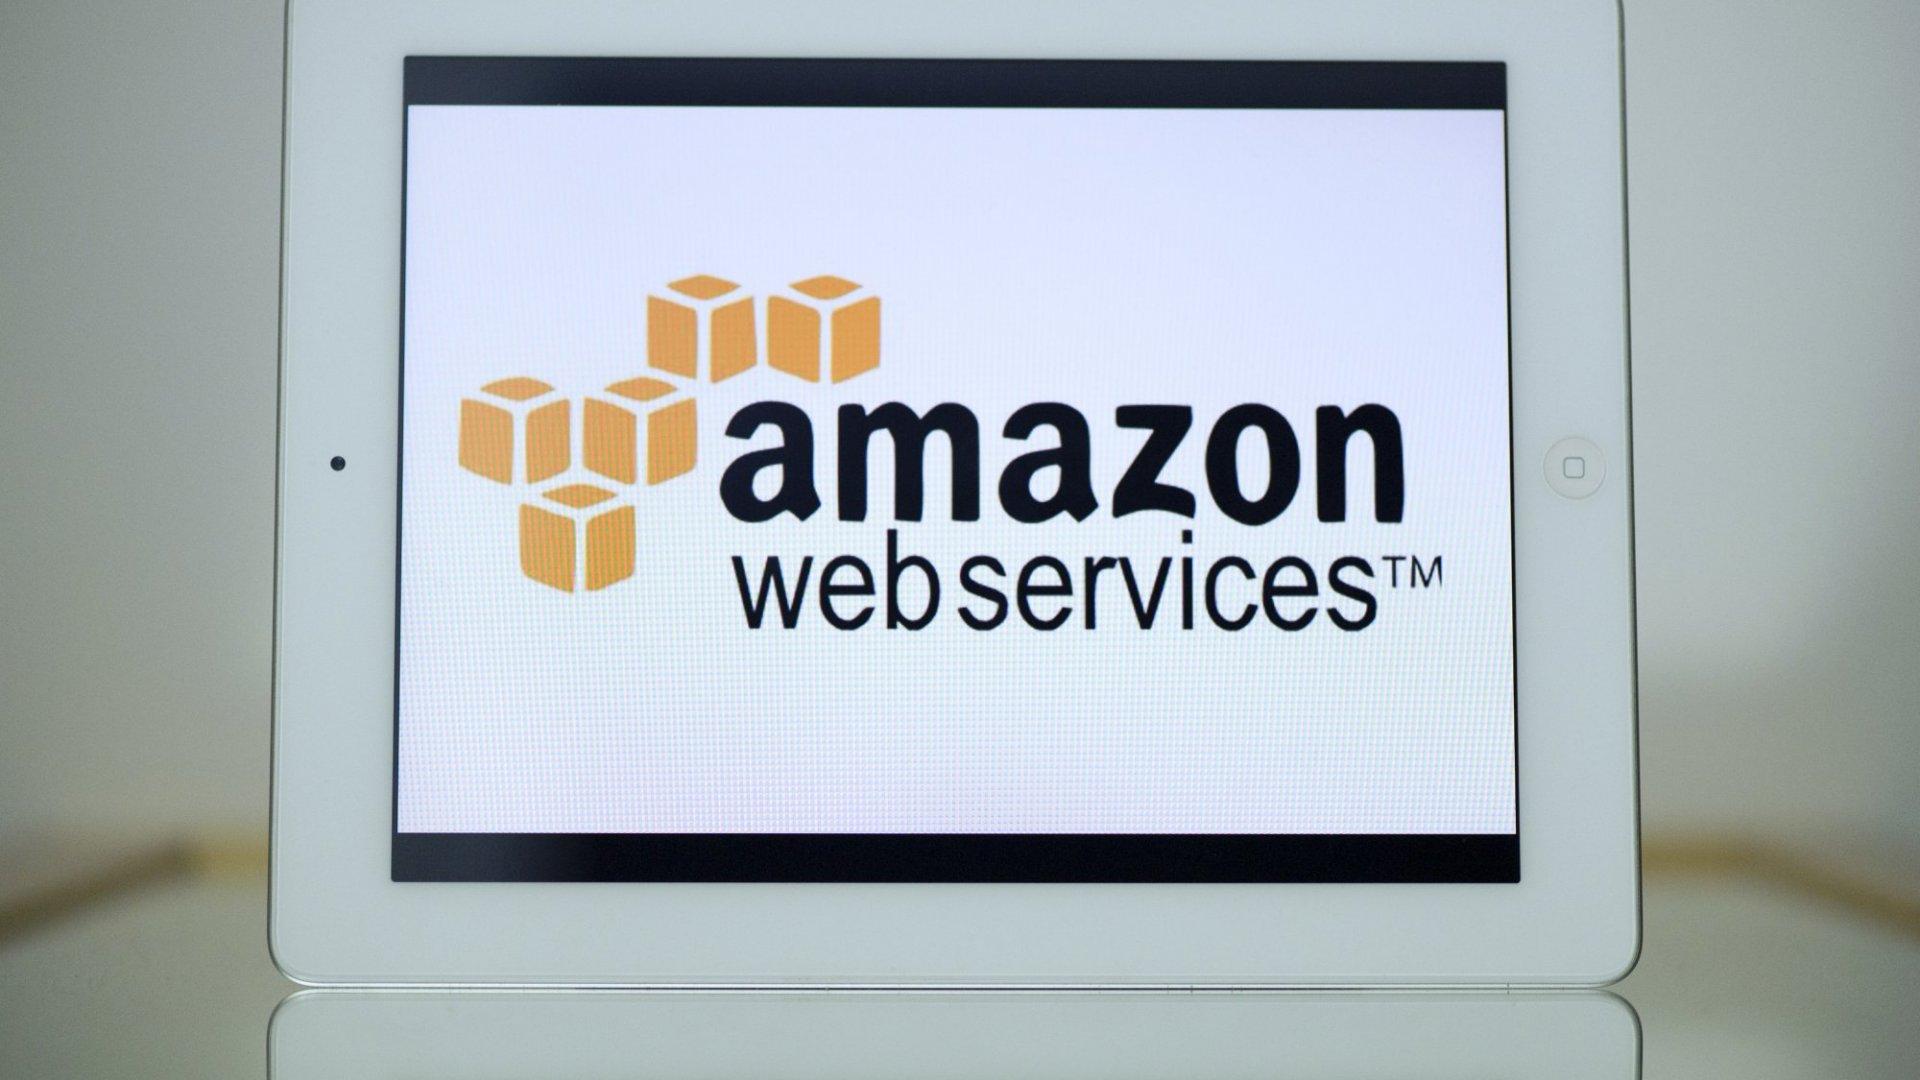 War for Cloud Computing Talent Heats Up